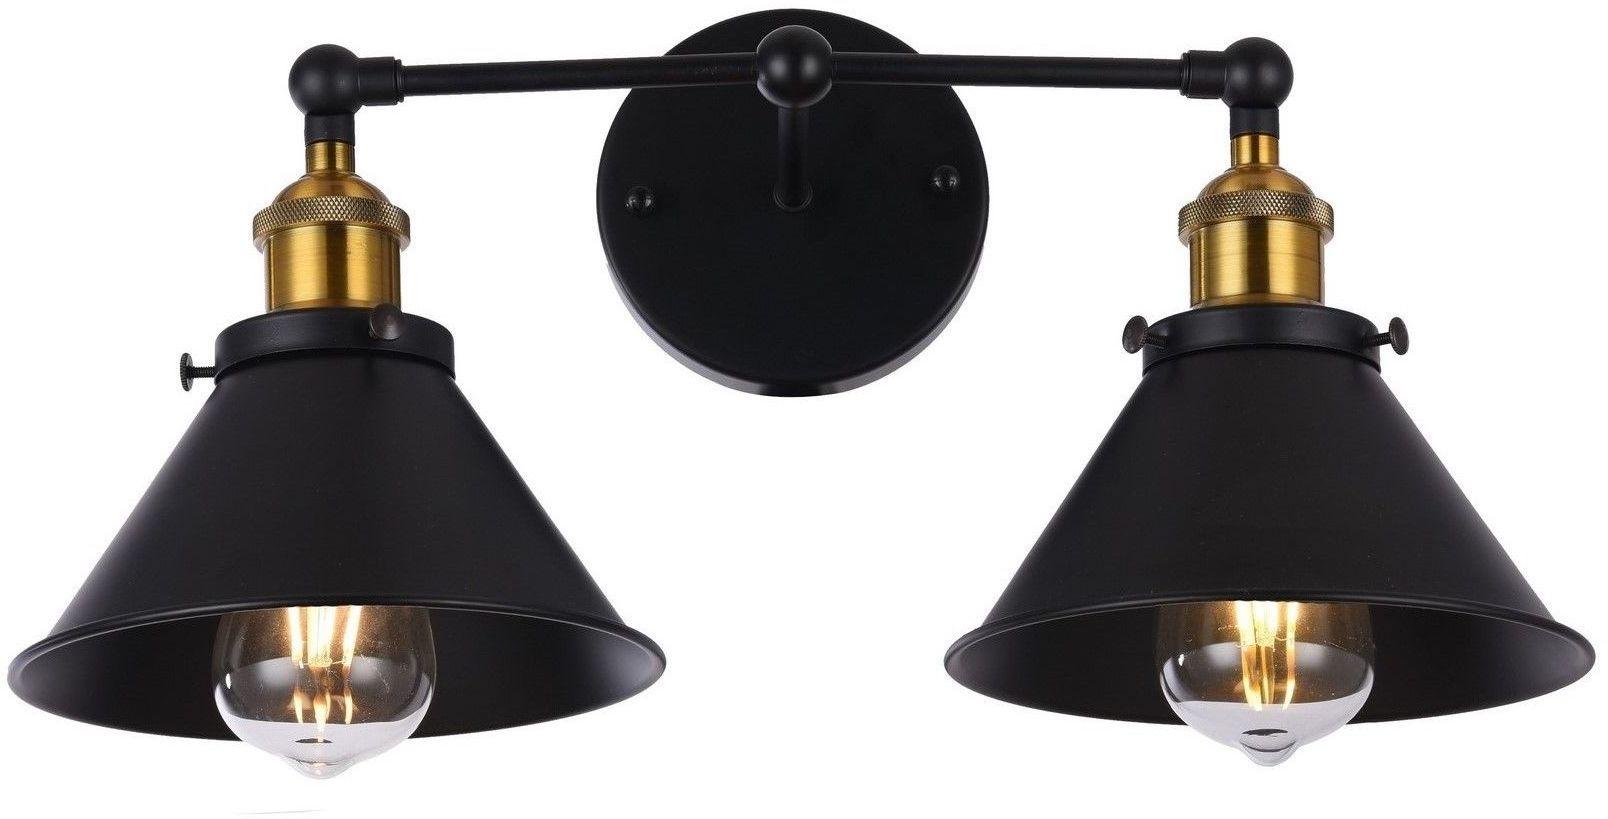 LAMPA ŚCIENNA KINKIET LOFTOWY CZARNY GUBI DUO